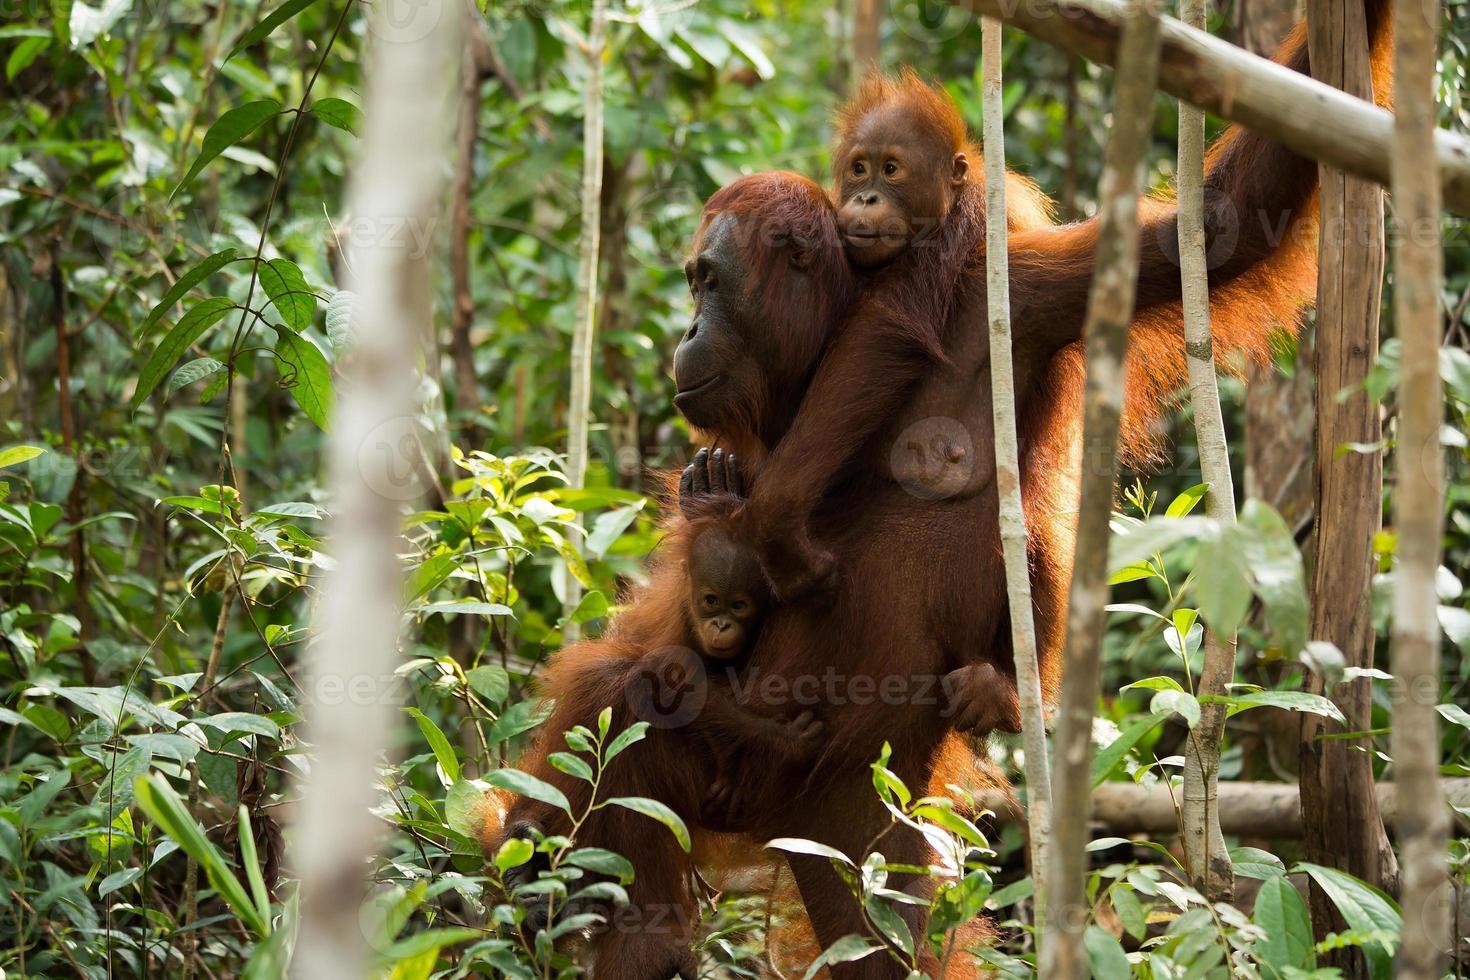 bella famiglia orabgutana nella giungla. foto